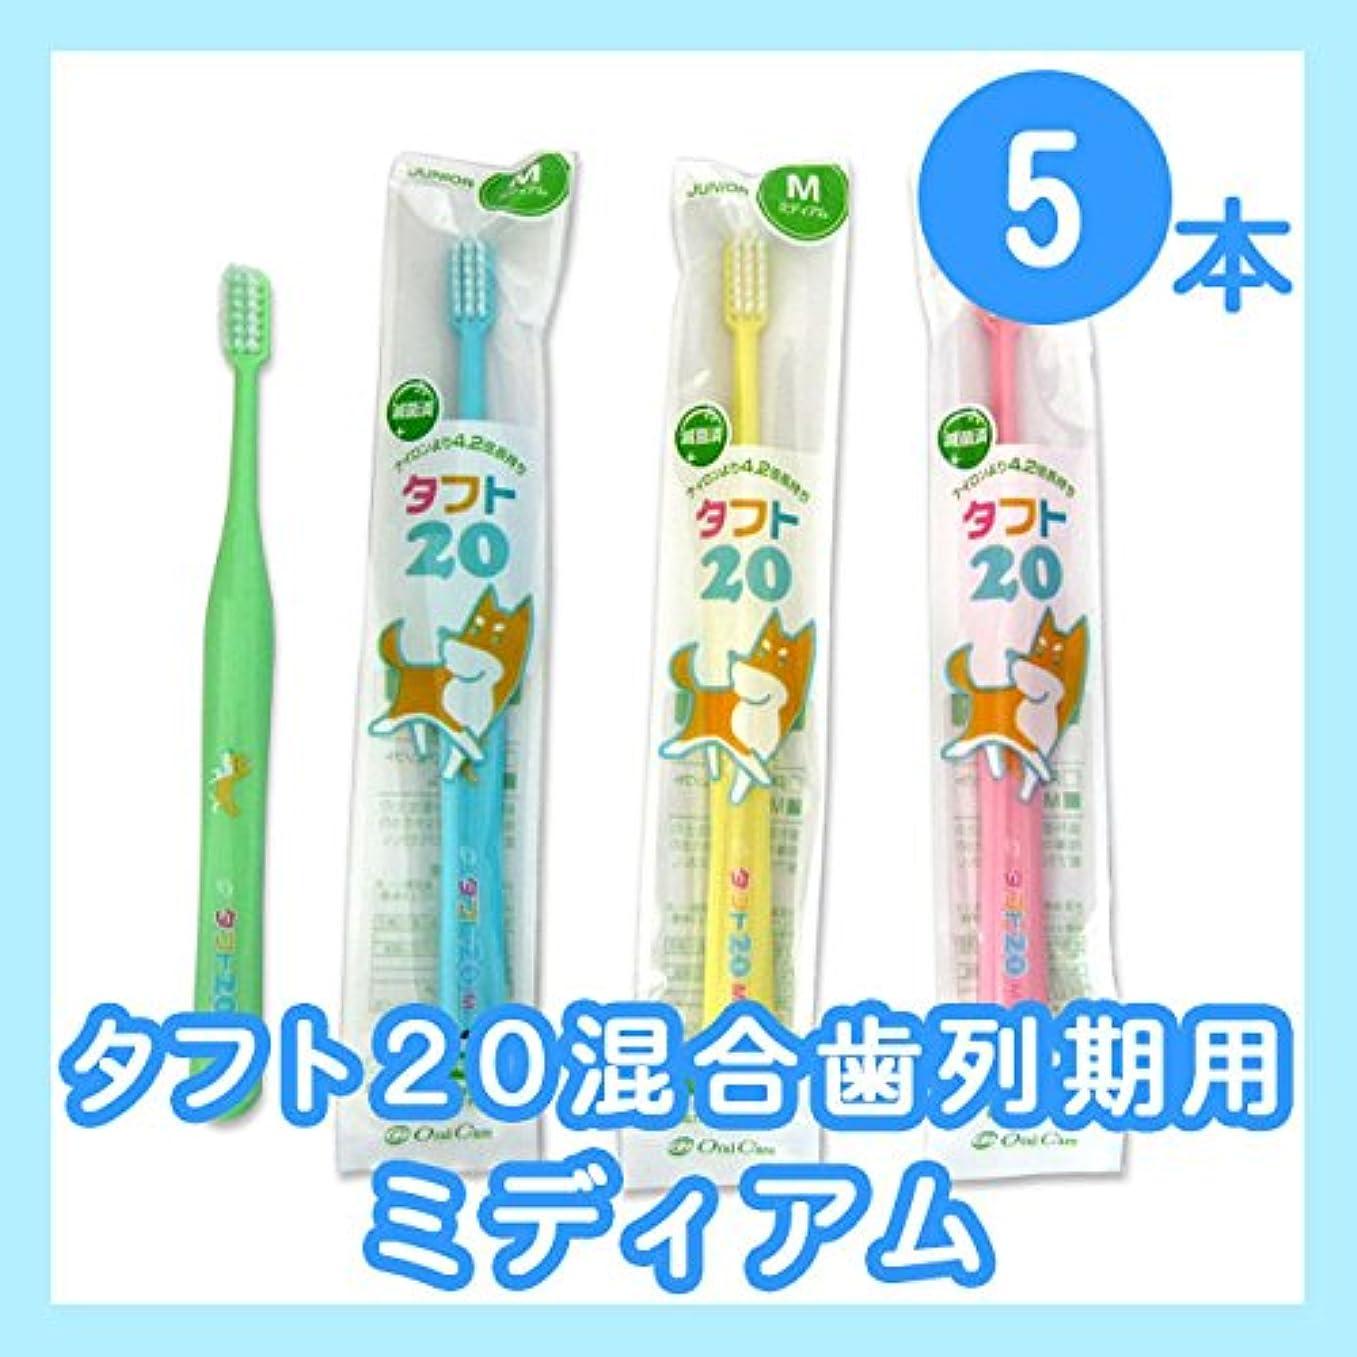 ディレクター薬局ブロータフト20 5本 オーラルケア タフト20/ミディアム 混合歯列期用(6~12歳)こども歯ブラシ 5本セット 子供 歯ブラシ【 ピンク